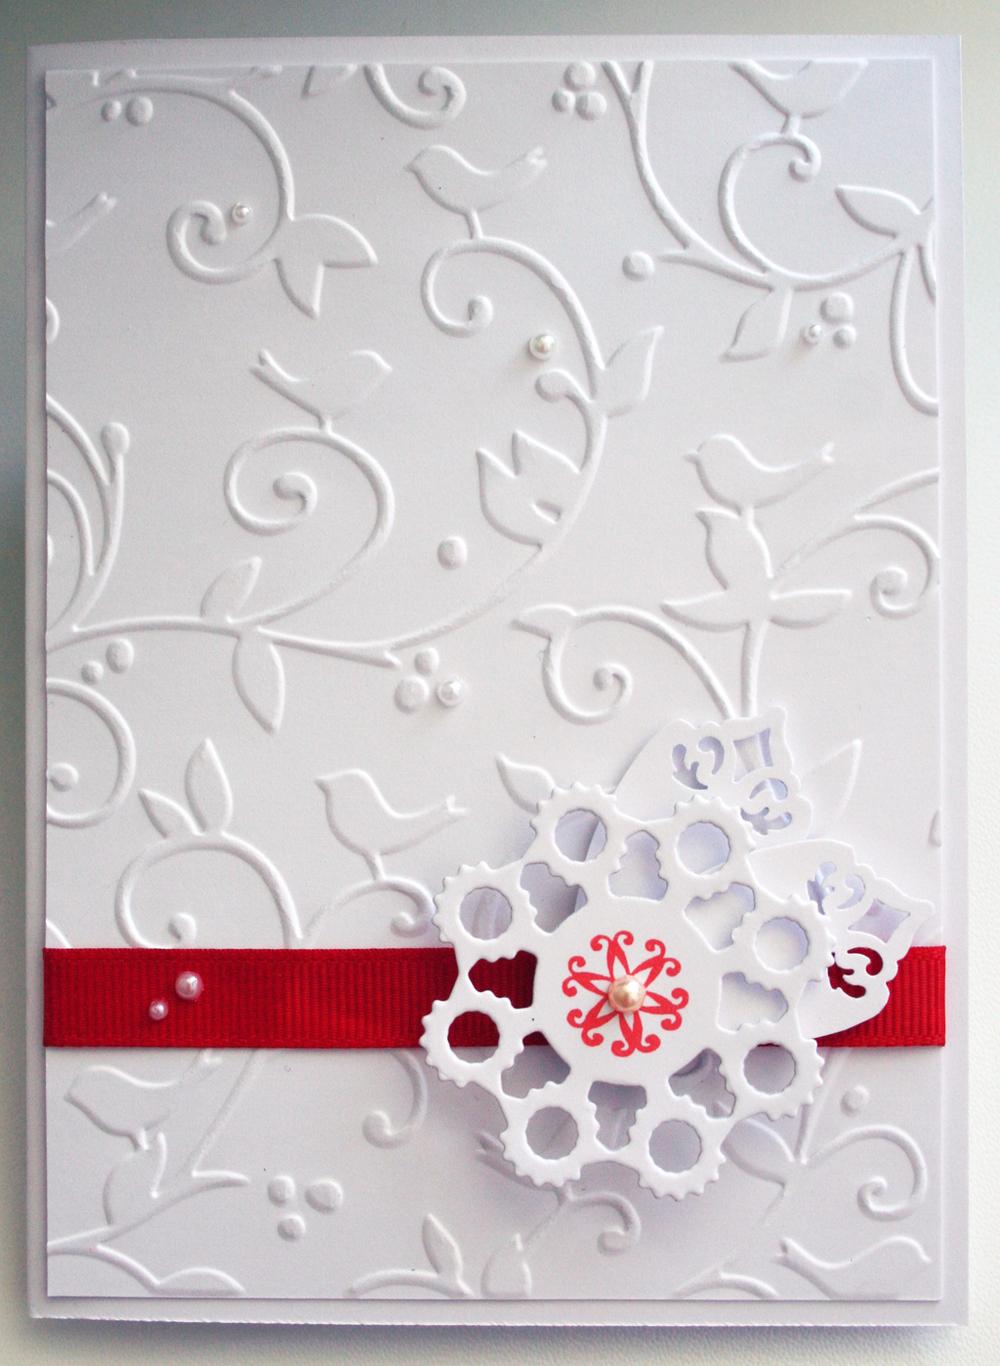 стену красивые открытки из белой бумаги древнейших времен